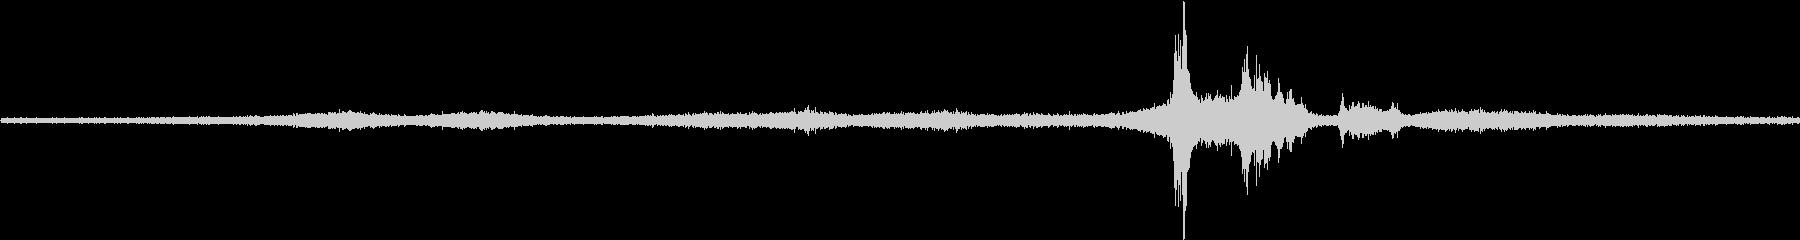 【生音】雨の日の通行音 - 11 雨 …の未再生の波形